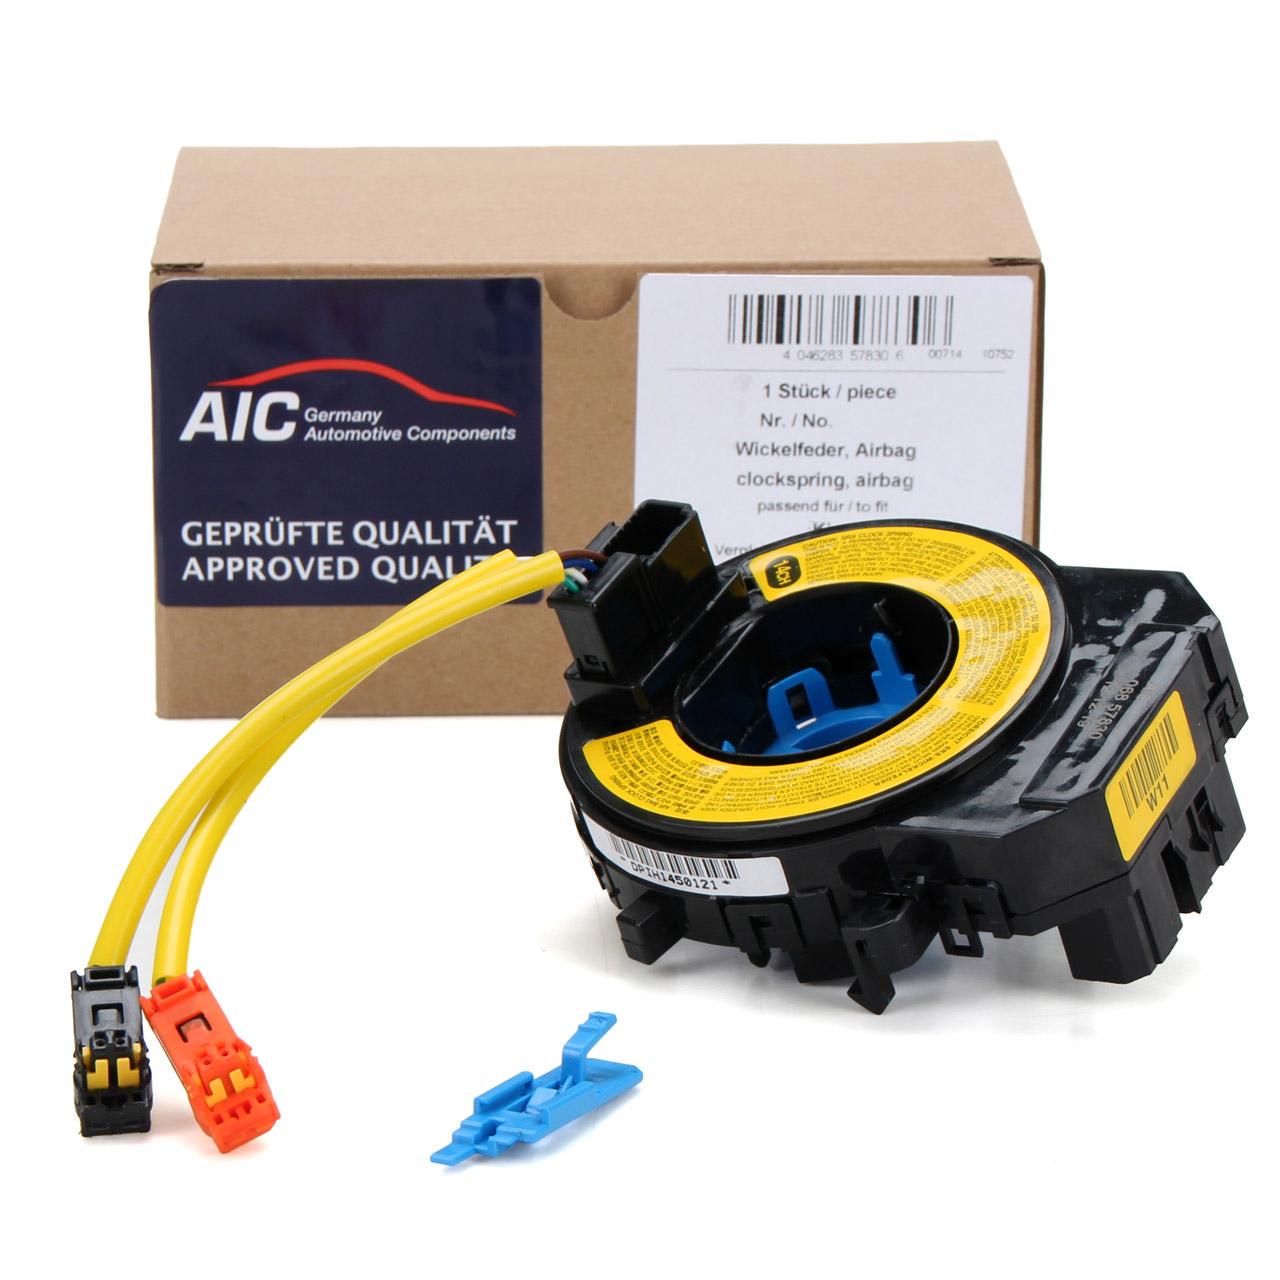 AIC 57830 Wickelfeder Schleifring Airbag KIA Sorento 2 XM 934902P400